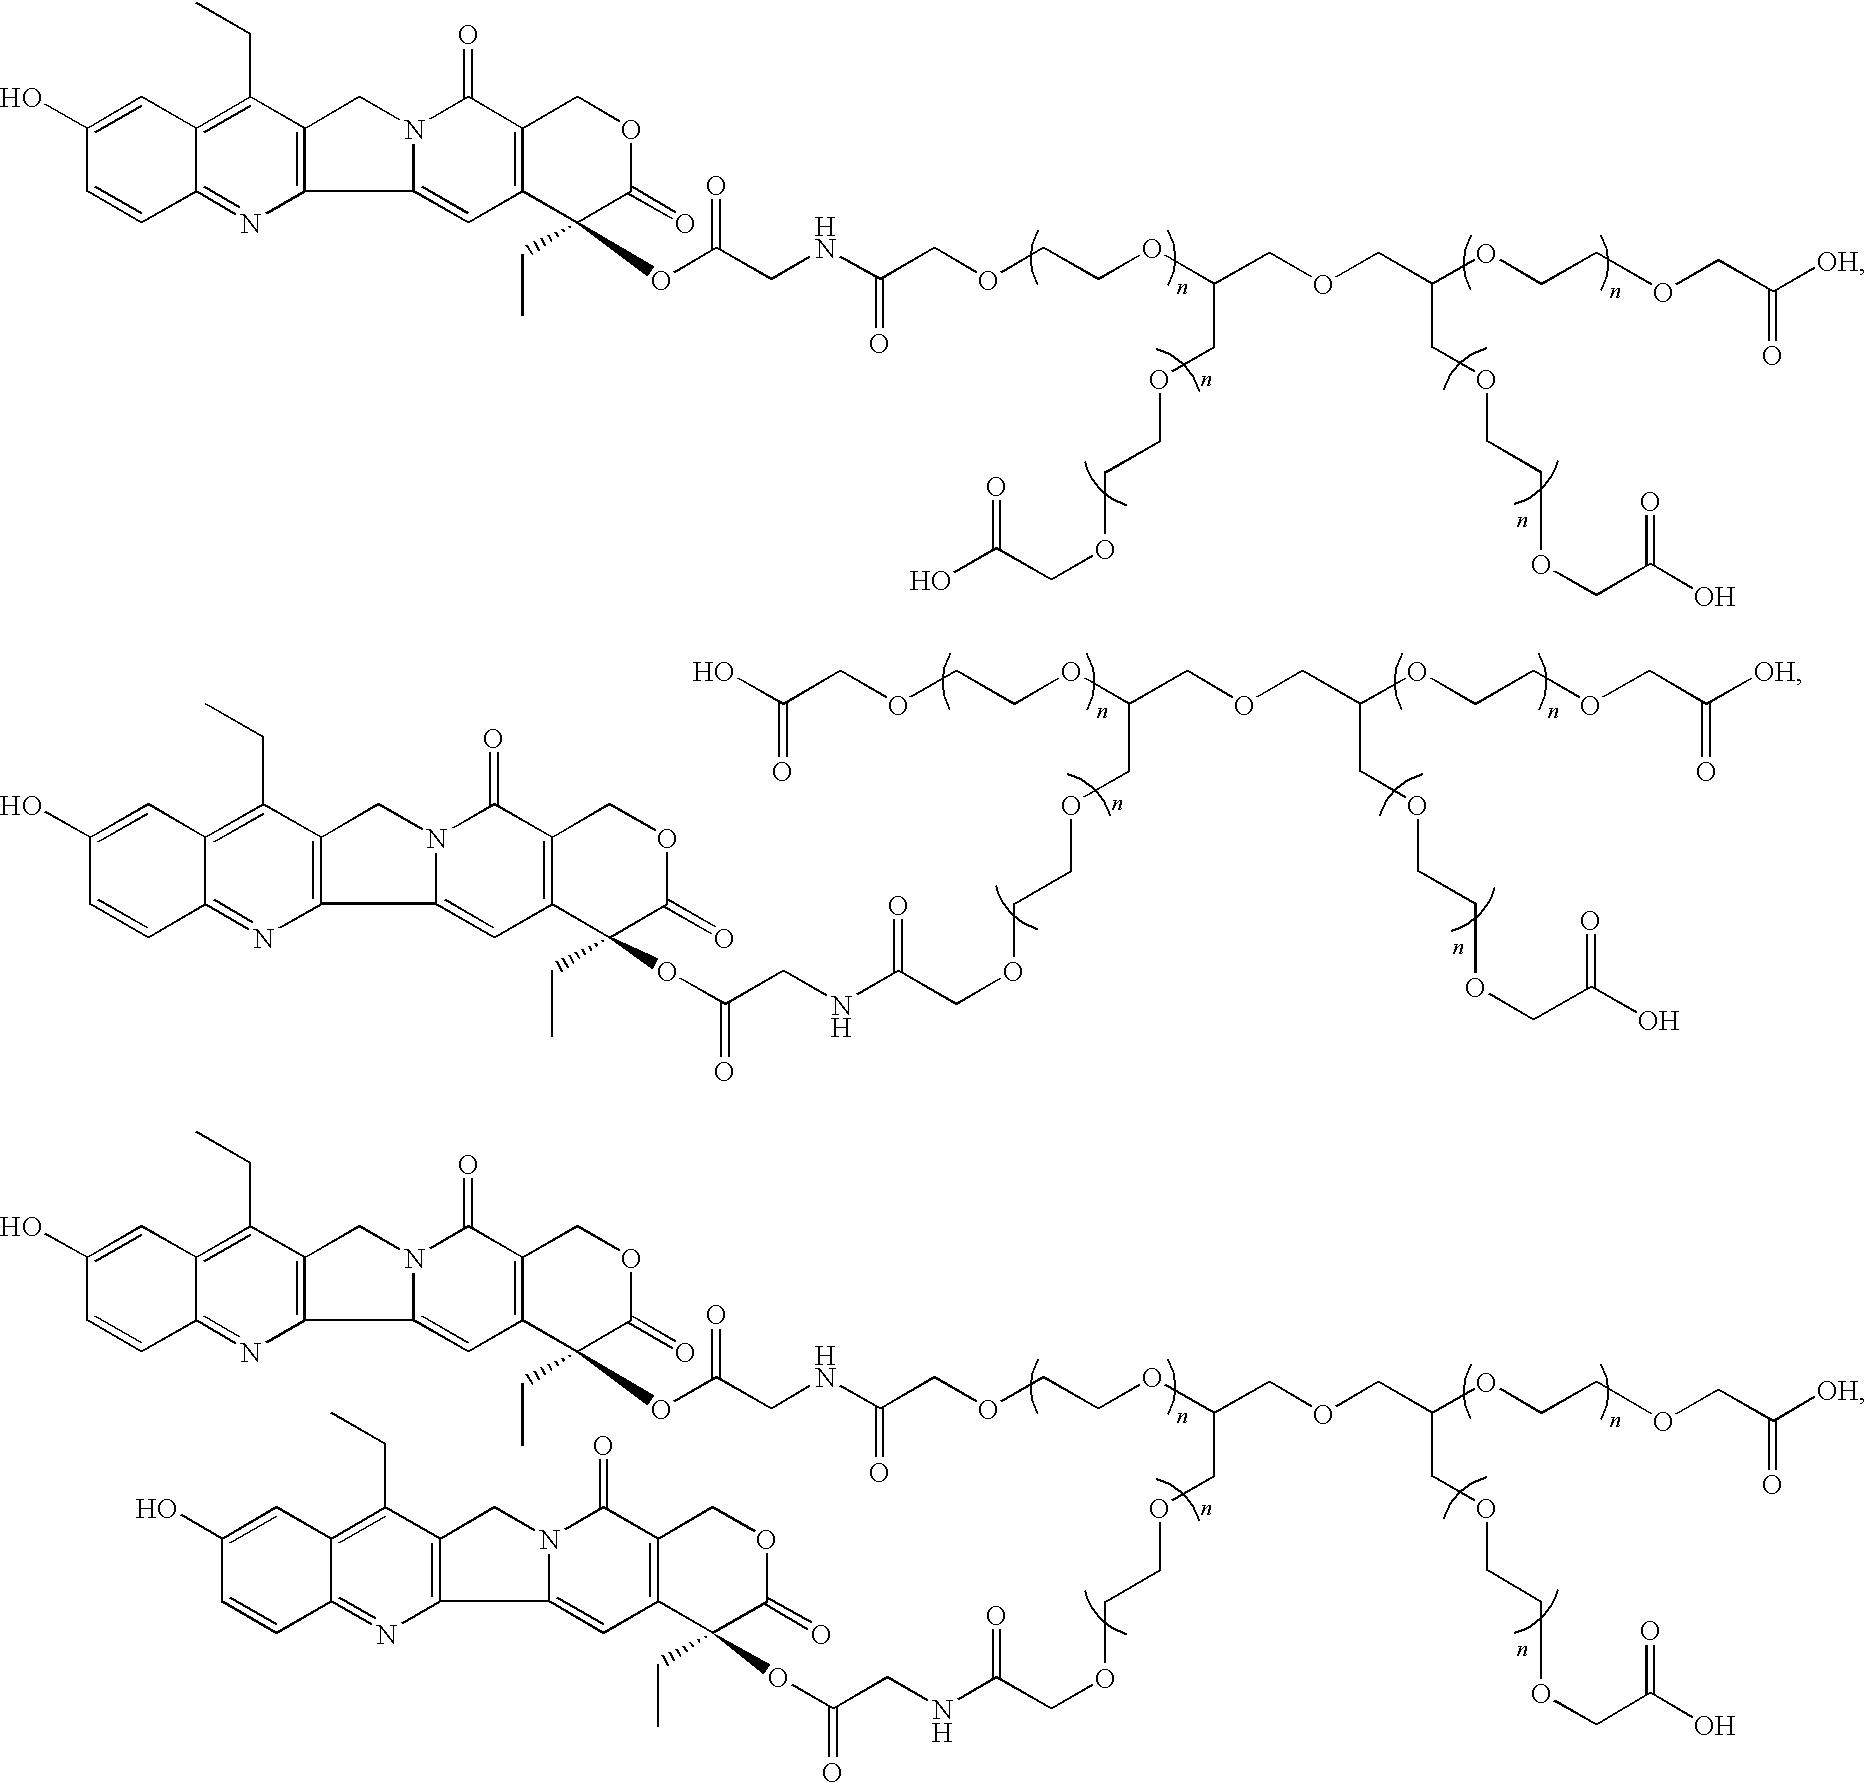 Figure US20100056555A1-20100304-C00037